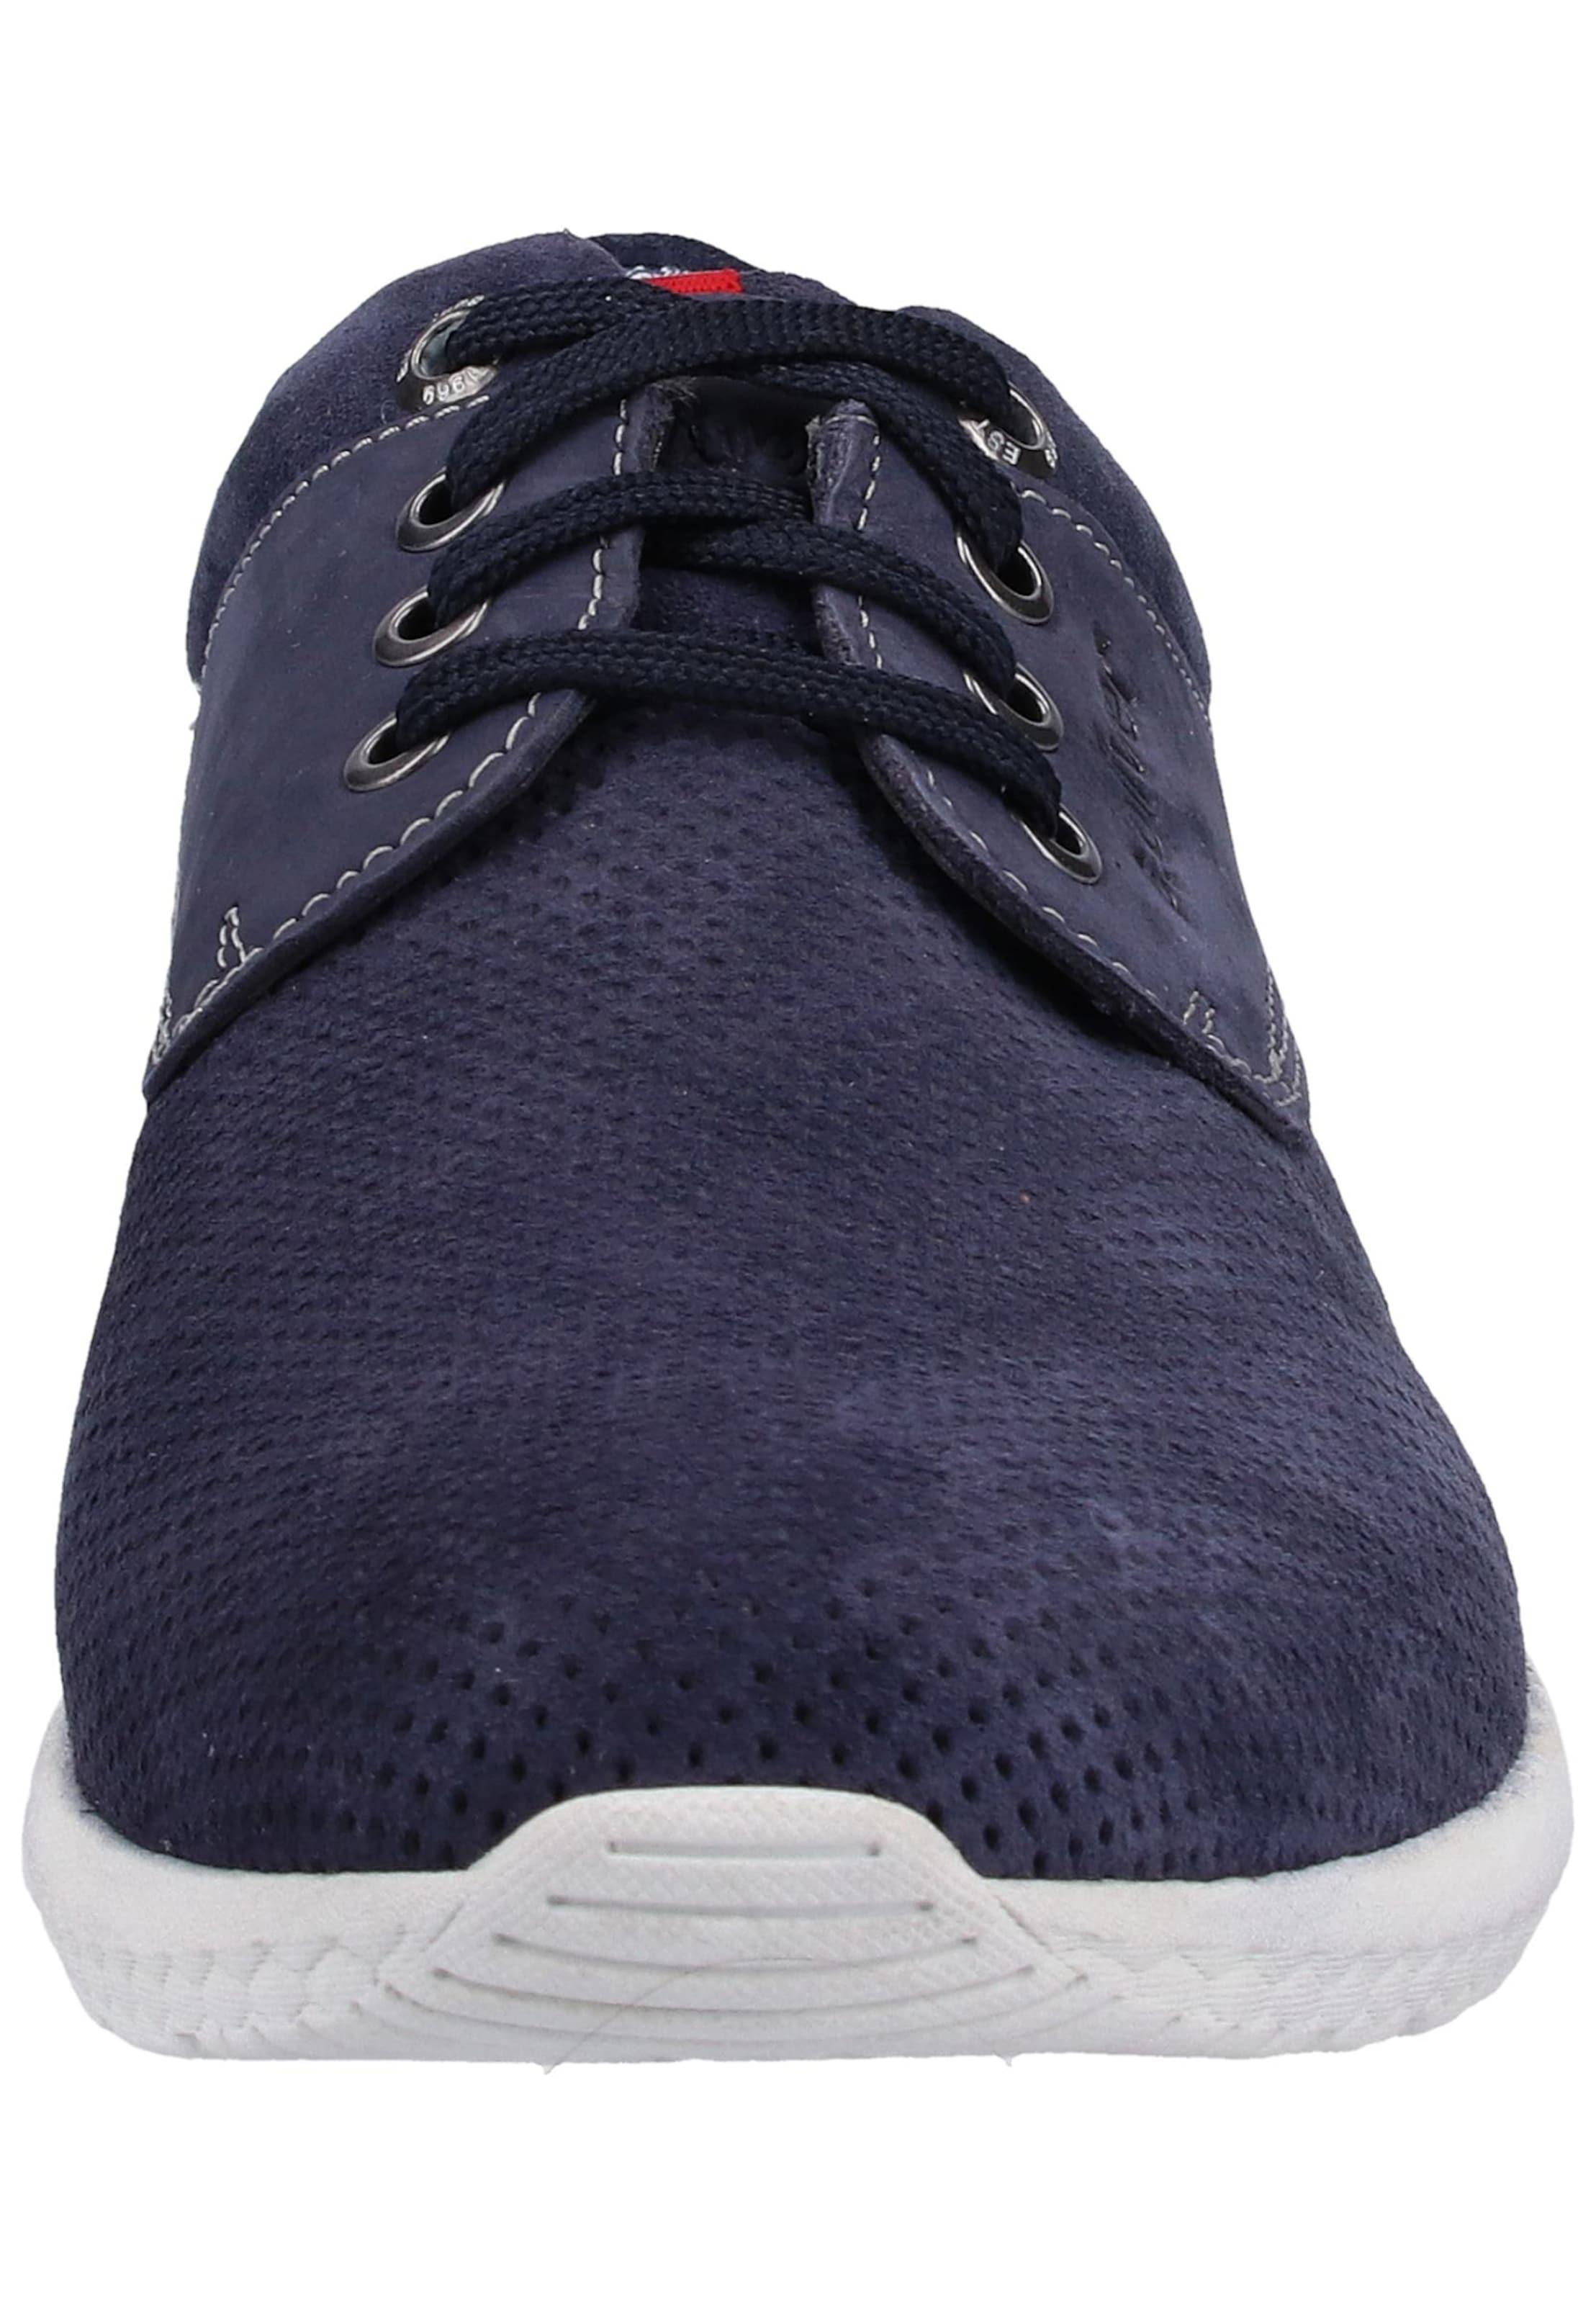 Baskets Basses Red Bleu En oliver MarineRouge Label S hQsdxrtC